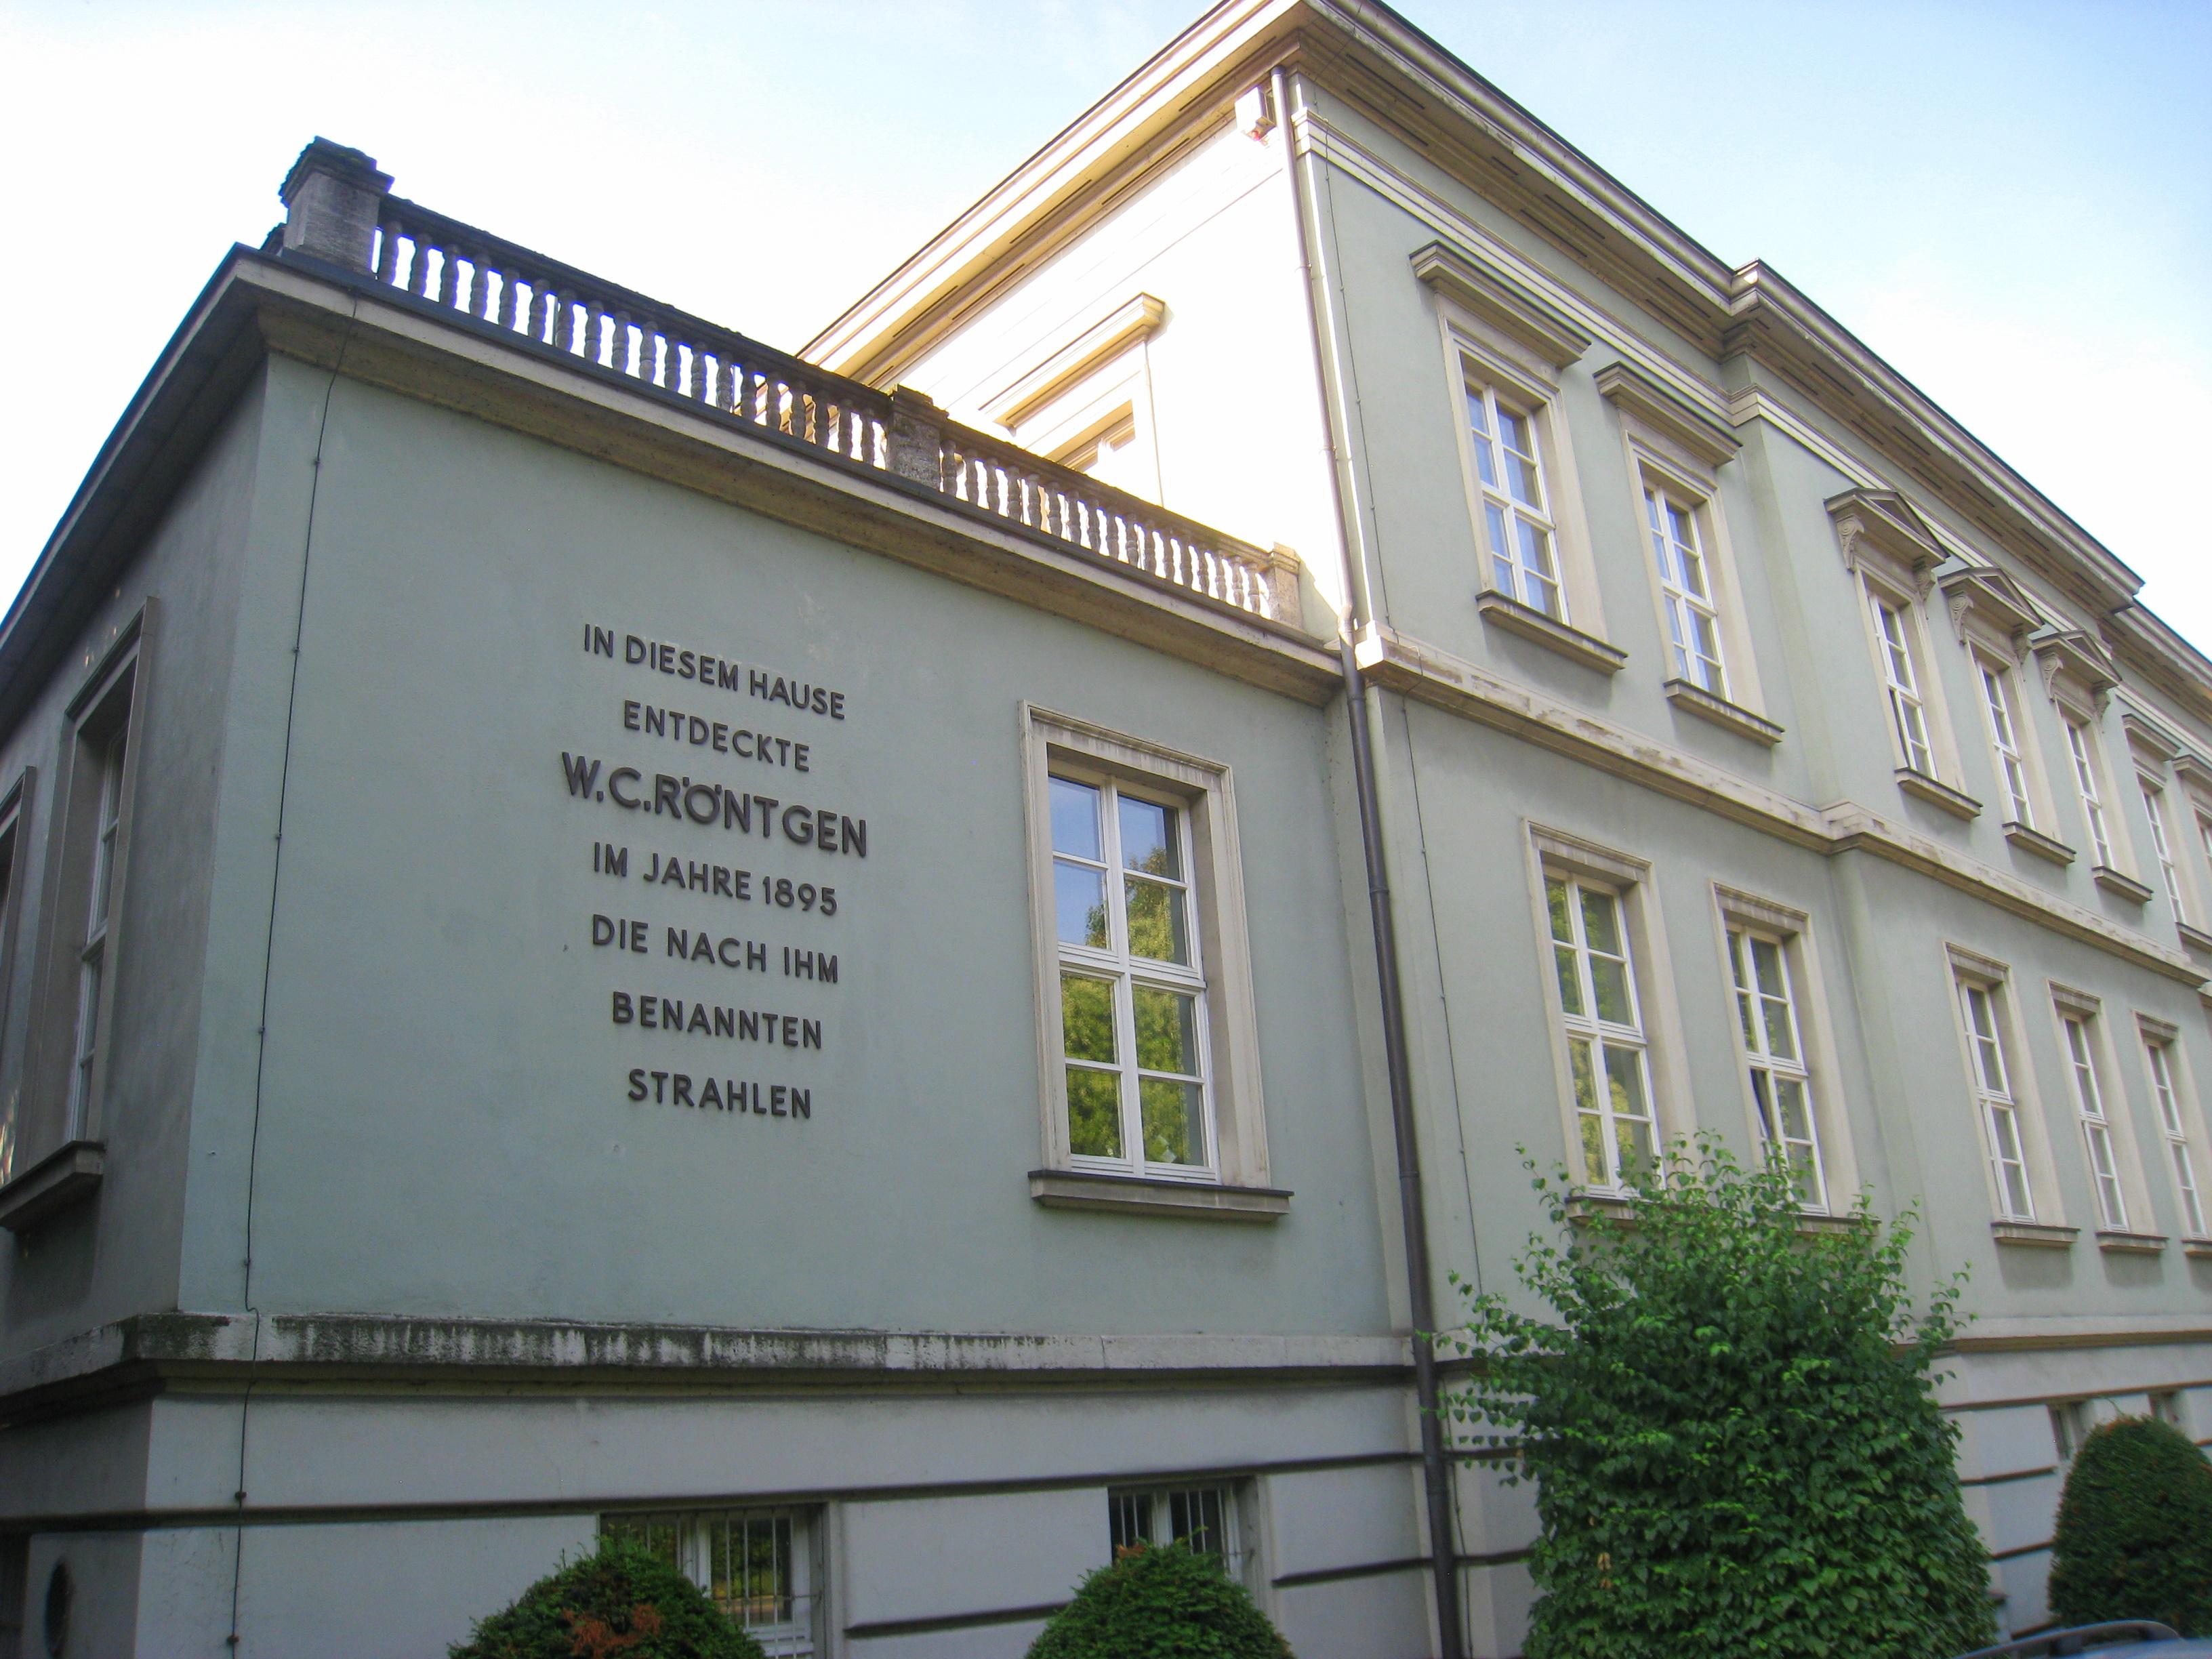 متحف فيلهلم كونراد رونتجن